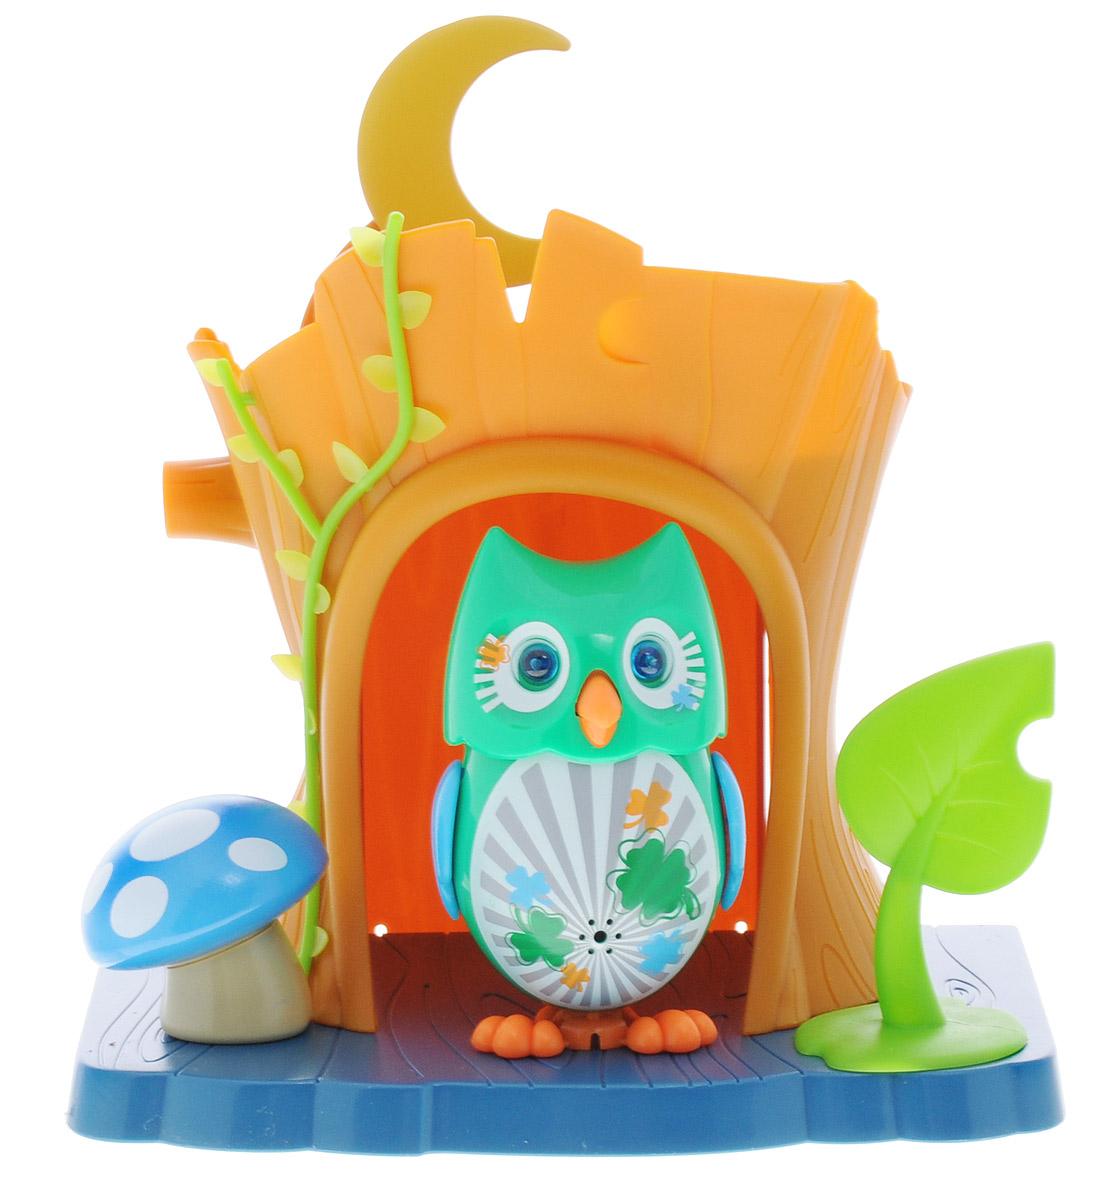 DigiFriends Интерактивная игрушка Сова с домиком цвет зеленый 88359_зеленый